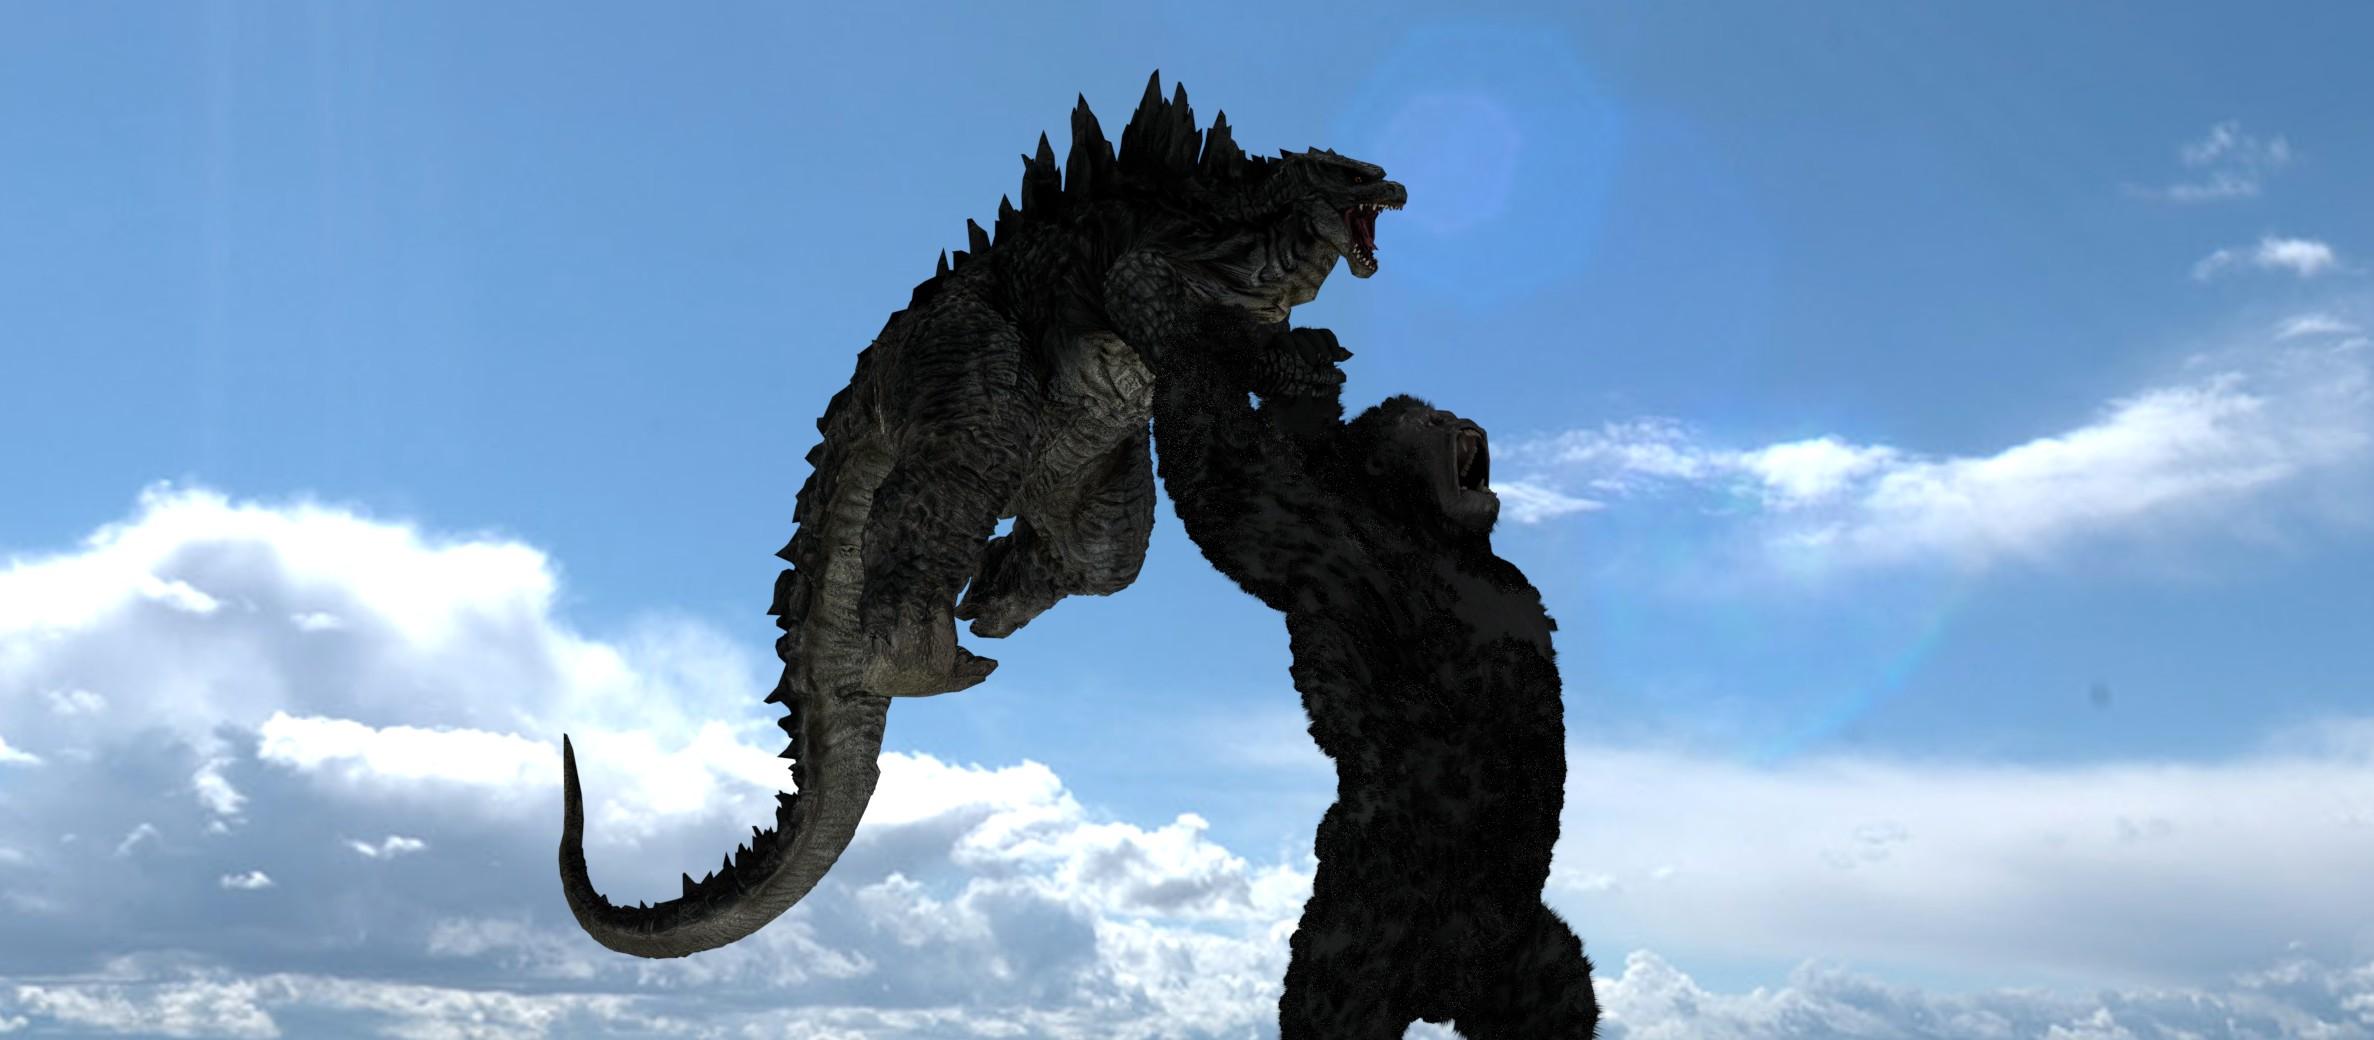 King Kong Vs Godzilla 2020! by kingkong19100 on DeviantArt